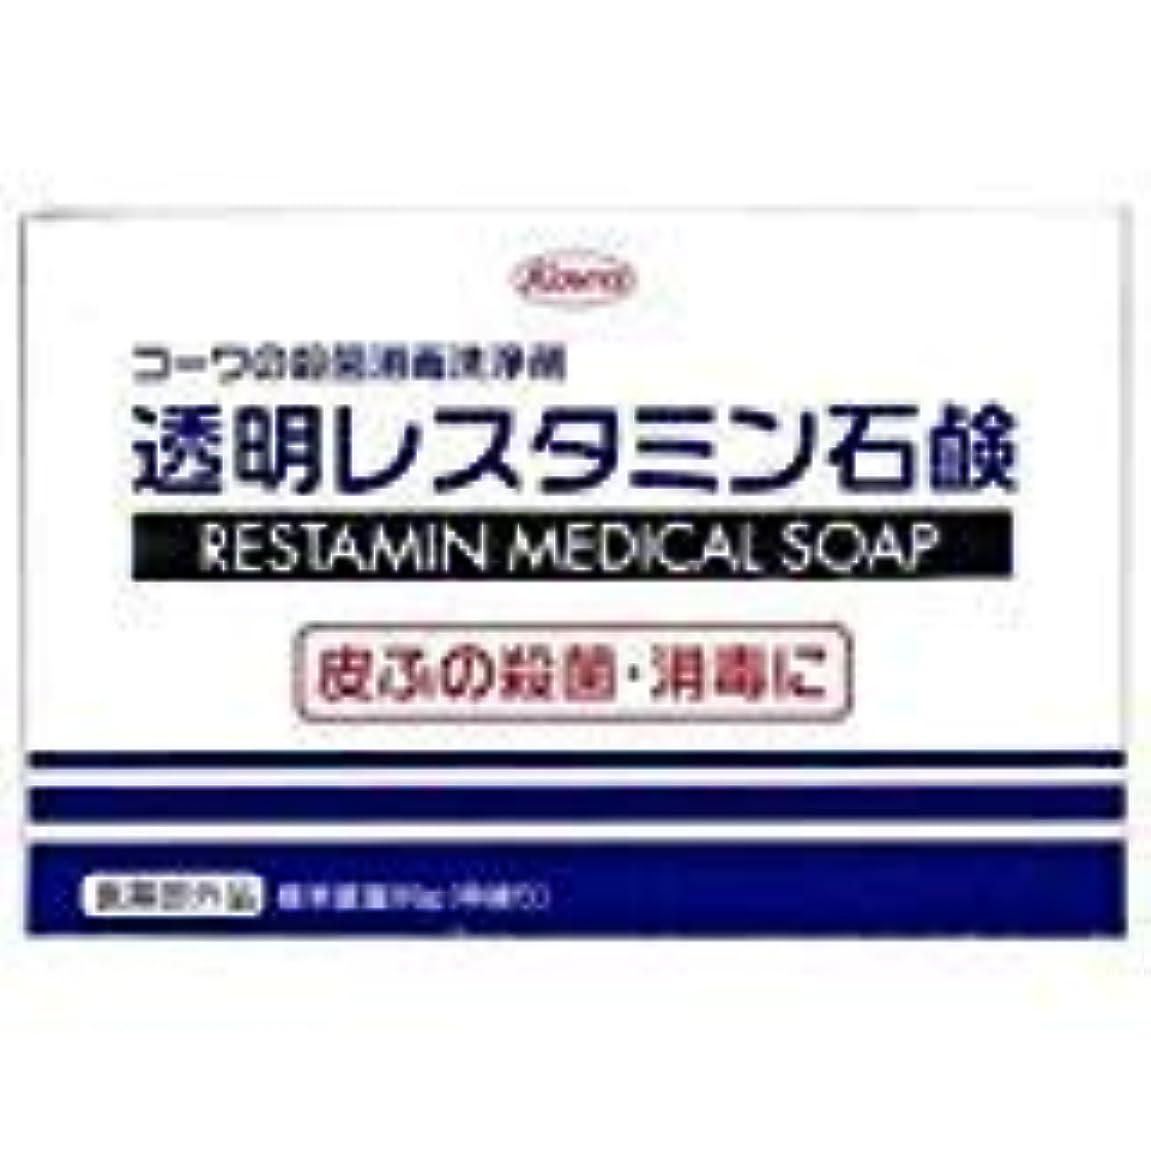 それぞれディレクトリポイント【興和】コーワの殺菌消毒洗浄剤「透明レスタミン石鹸」80g(医薬部外品) ×20個セット